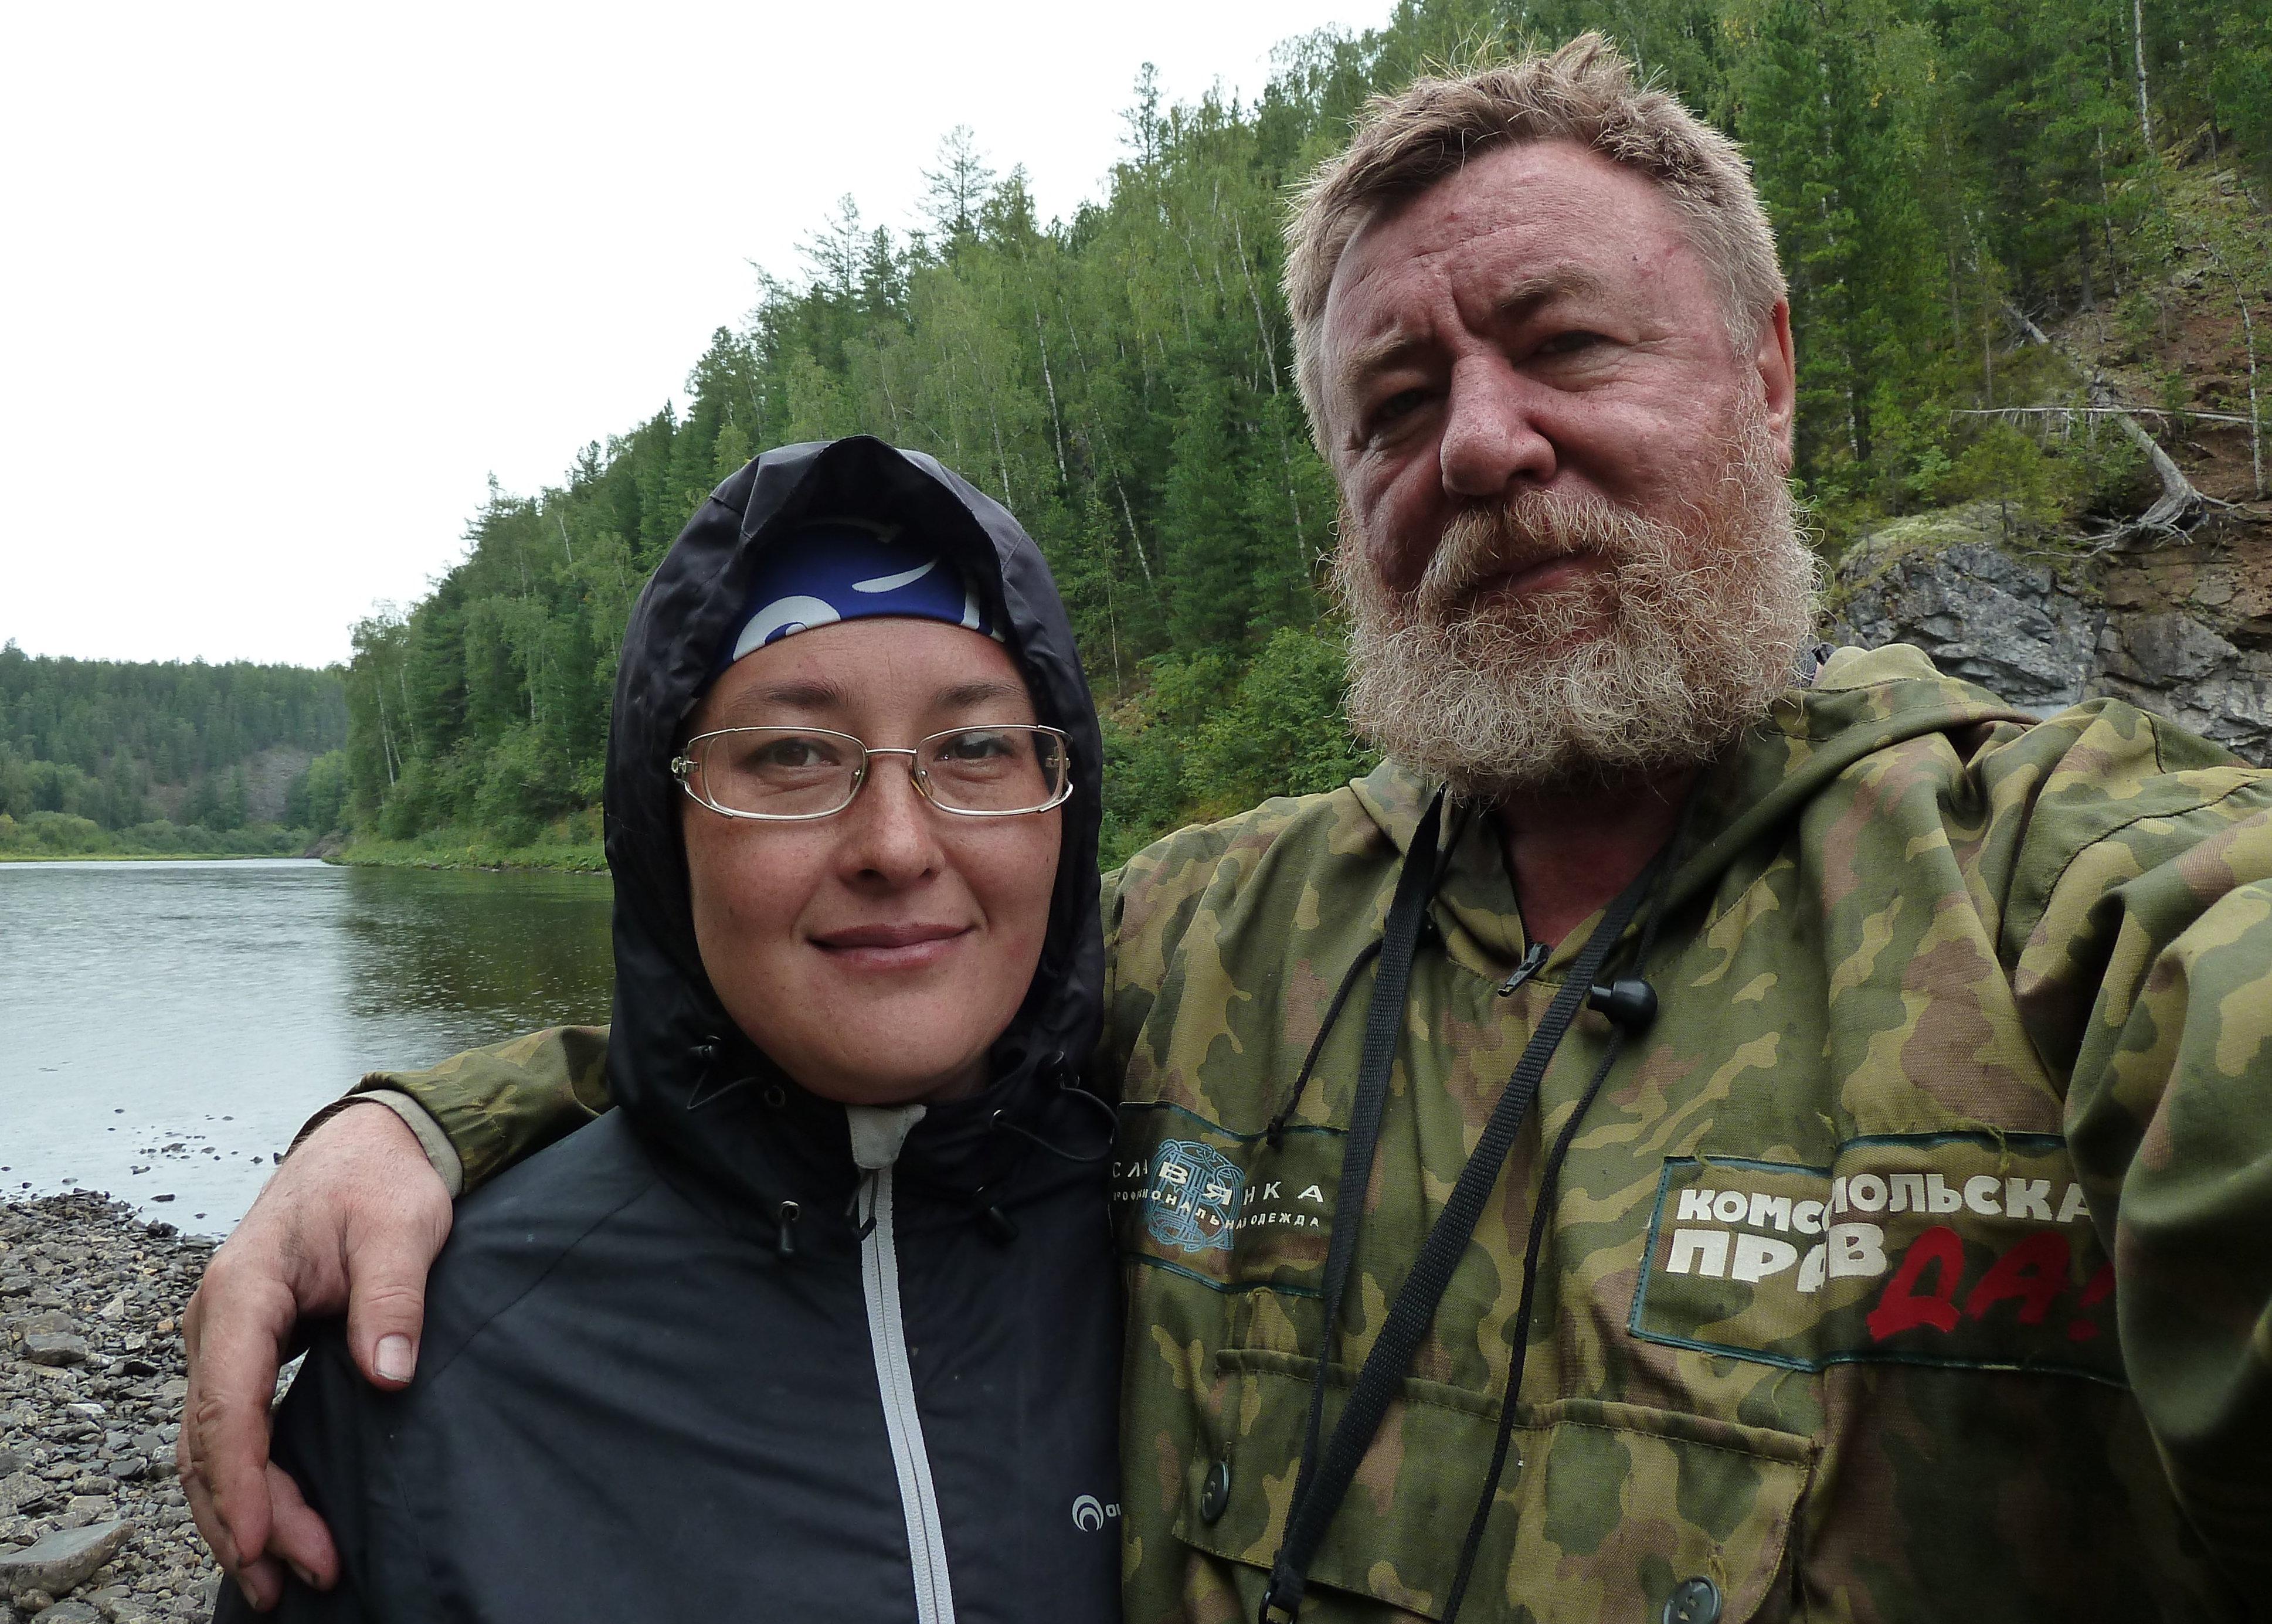 Nikolái Varségov y su esposa Natalia, periodistas del diario Komsomólskaya Pravda, investigadores del accidente en el paso Diátlov